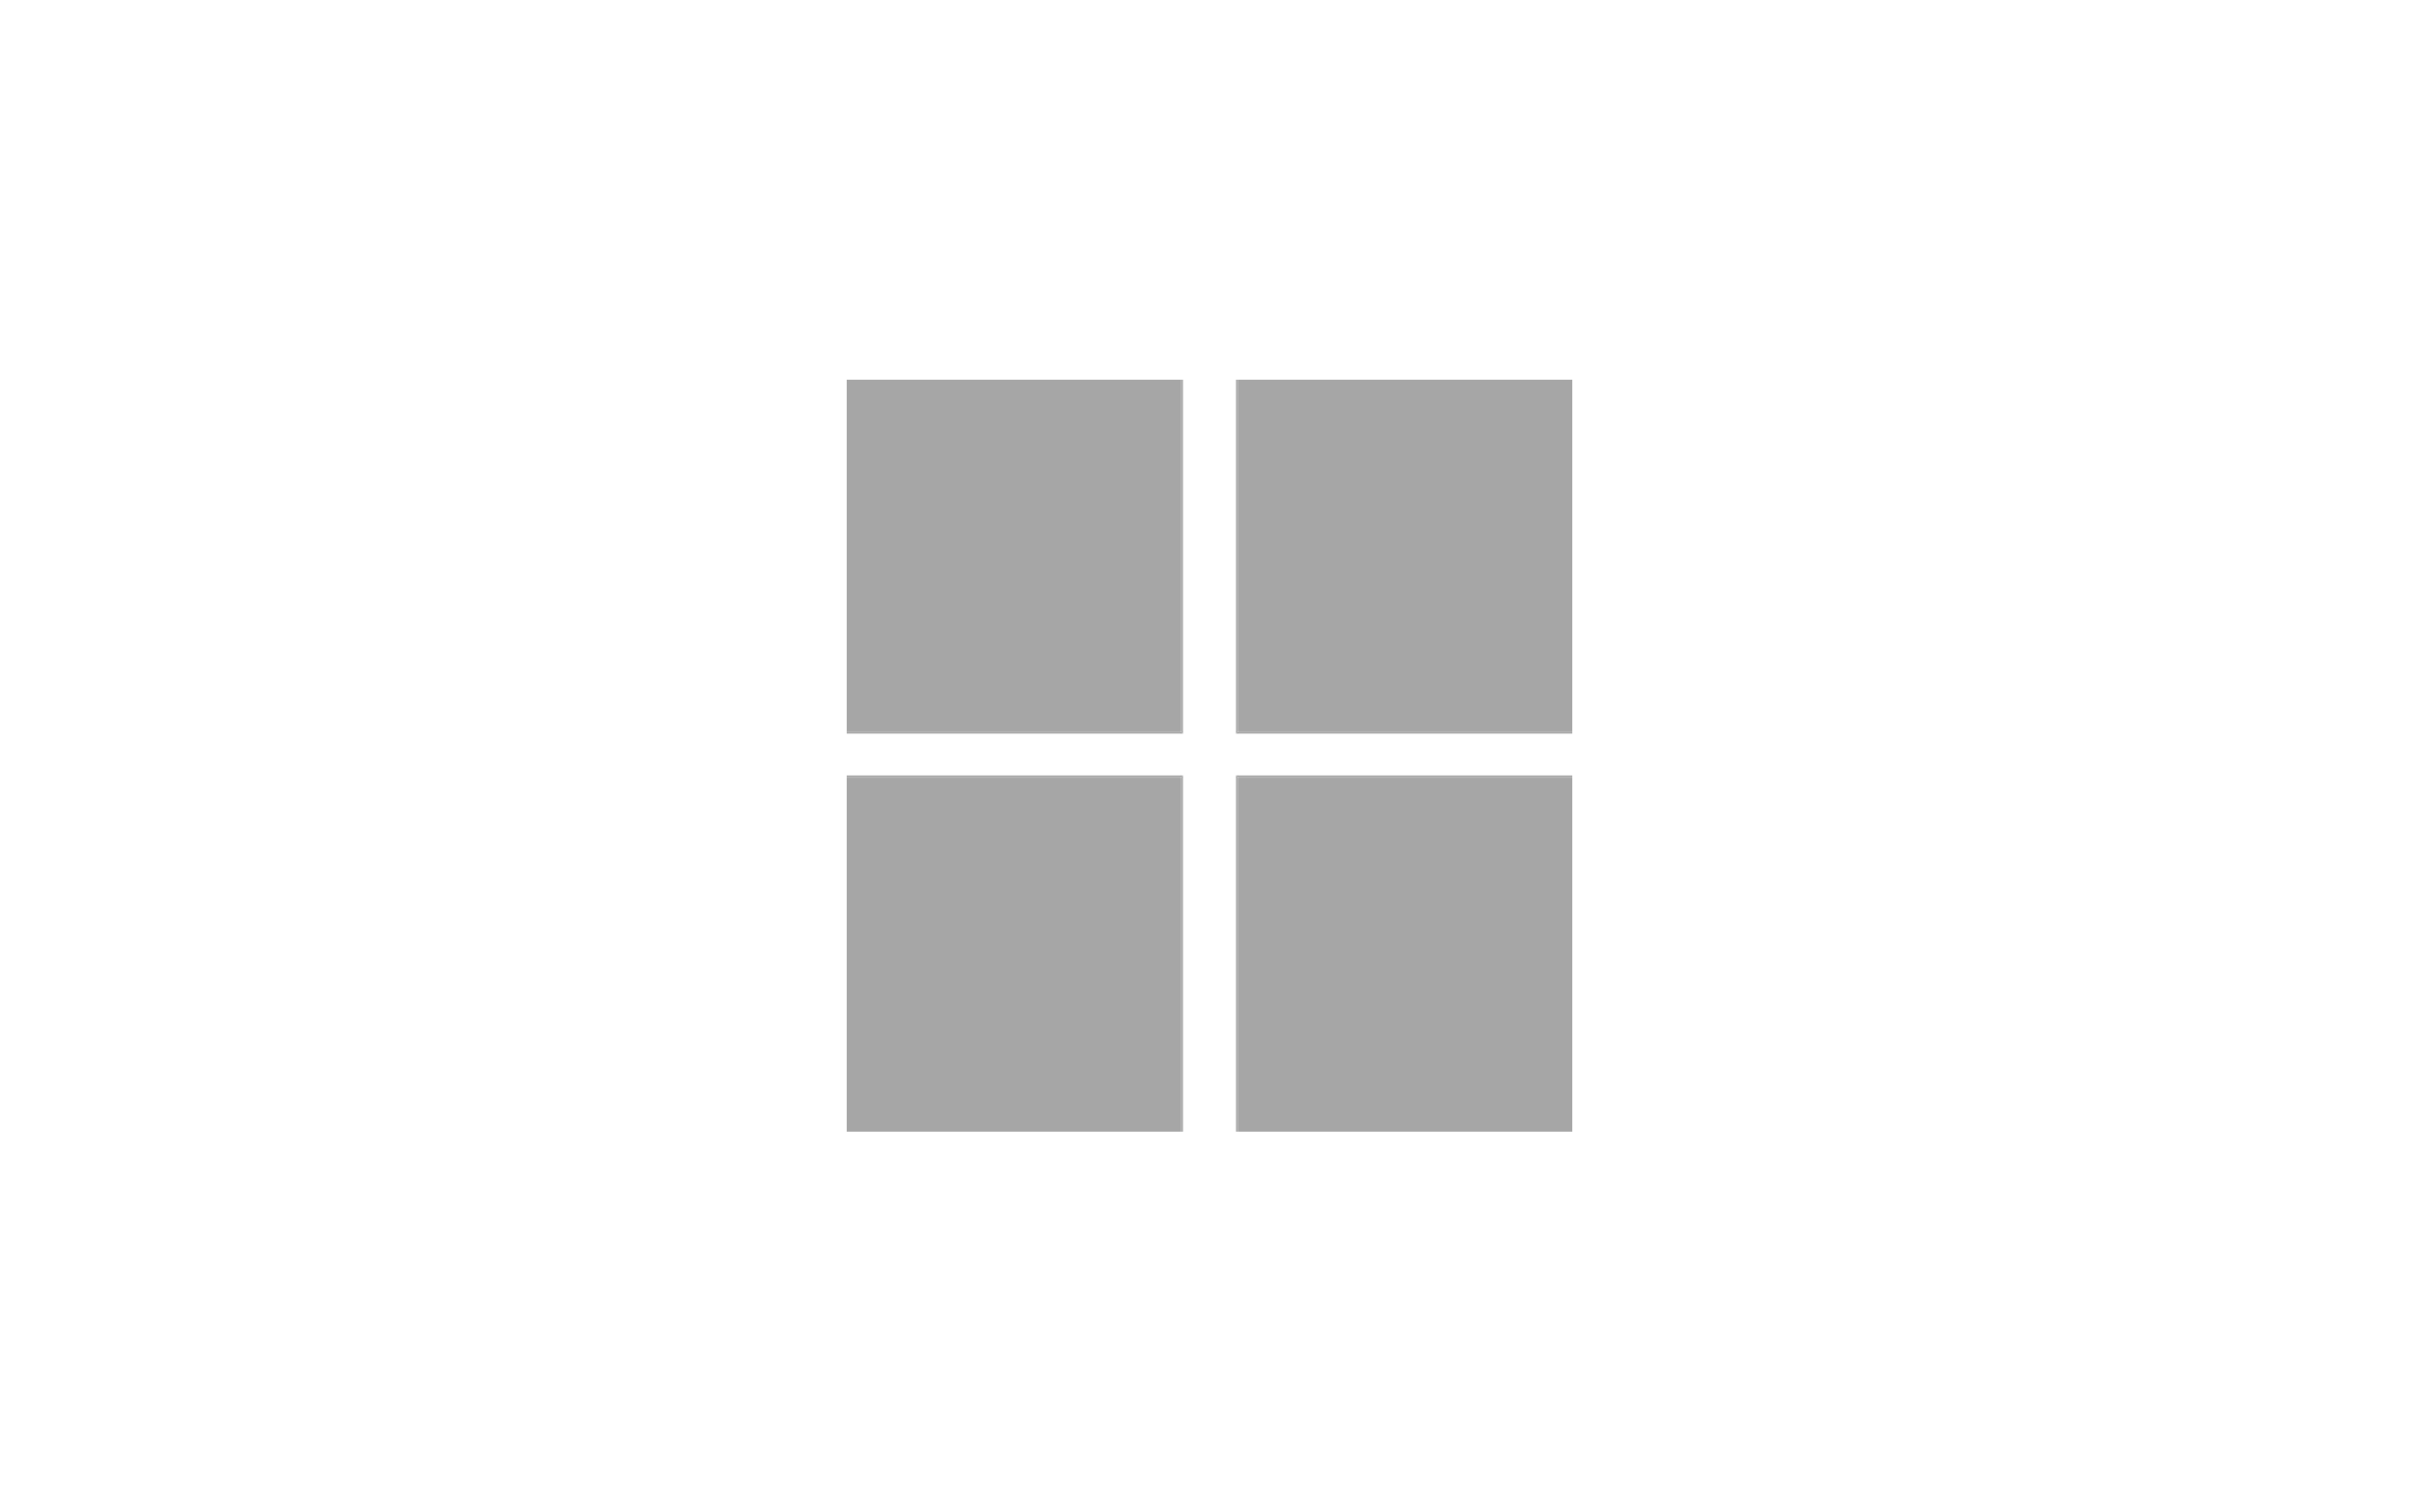 윈도우11 로고